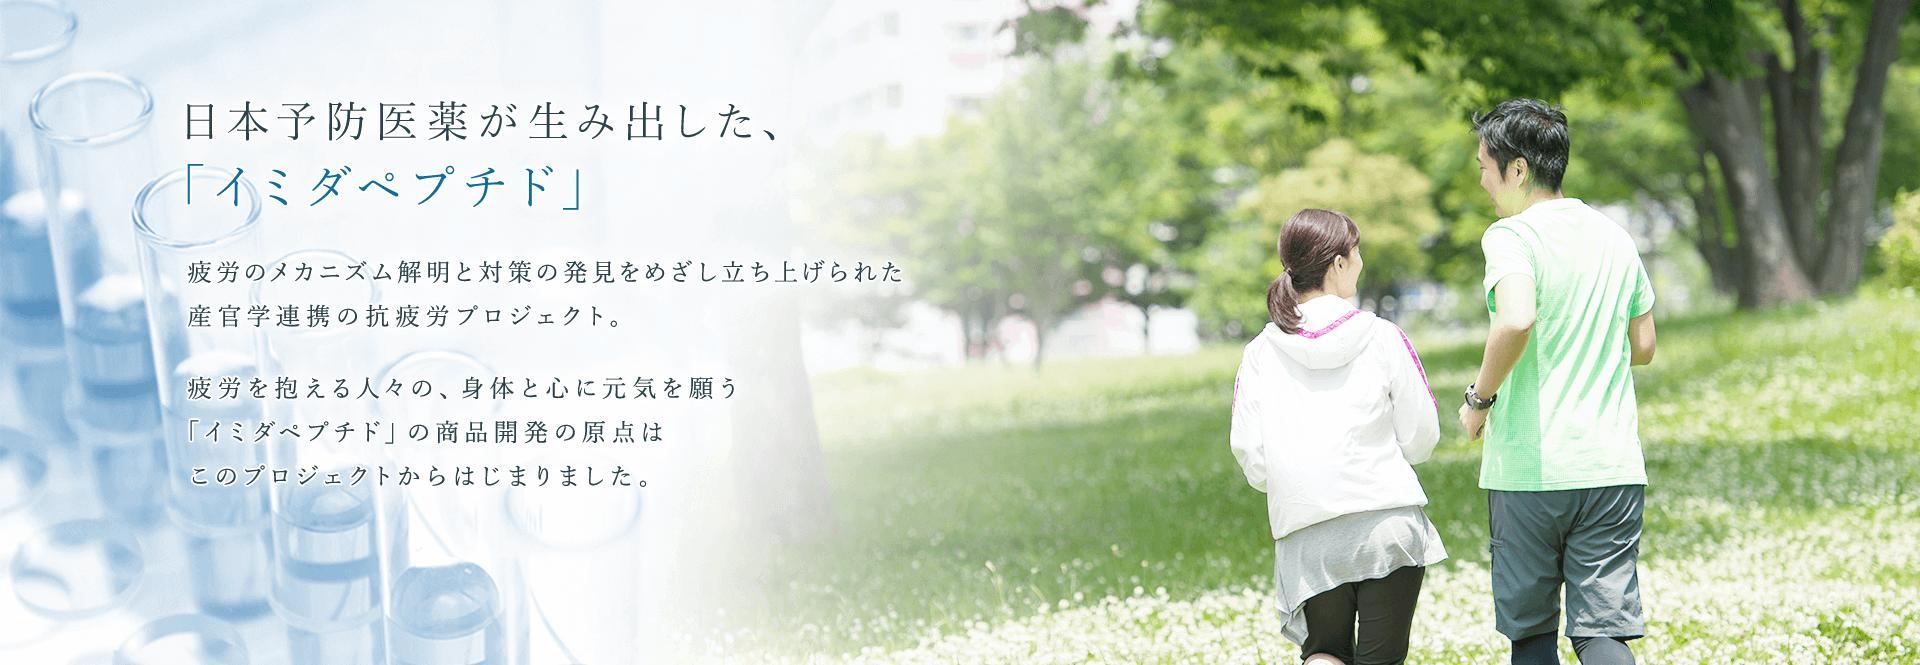 日本予防医薬株式会社 日本予防医薬が生み出した、「イミダペプチド」 疲労のメカニズム解明と対策の発見をめざし立ち上げられた産官学連携の抗疲労プロジェクト。 疲労を抱える人々の、身体と心に元気を願う「イミダペプチド」の商品開発の原点はこのプロジェクトからはじまりました。